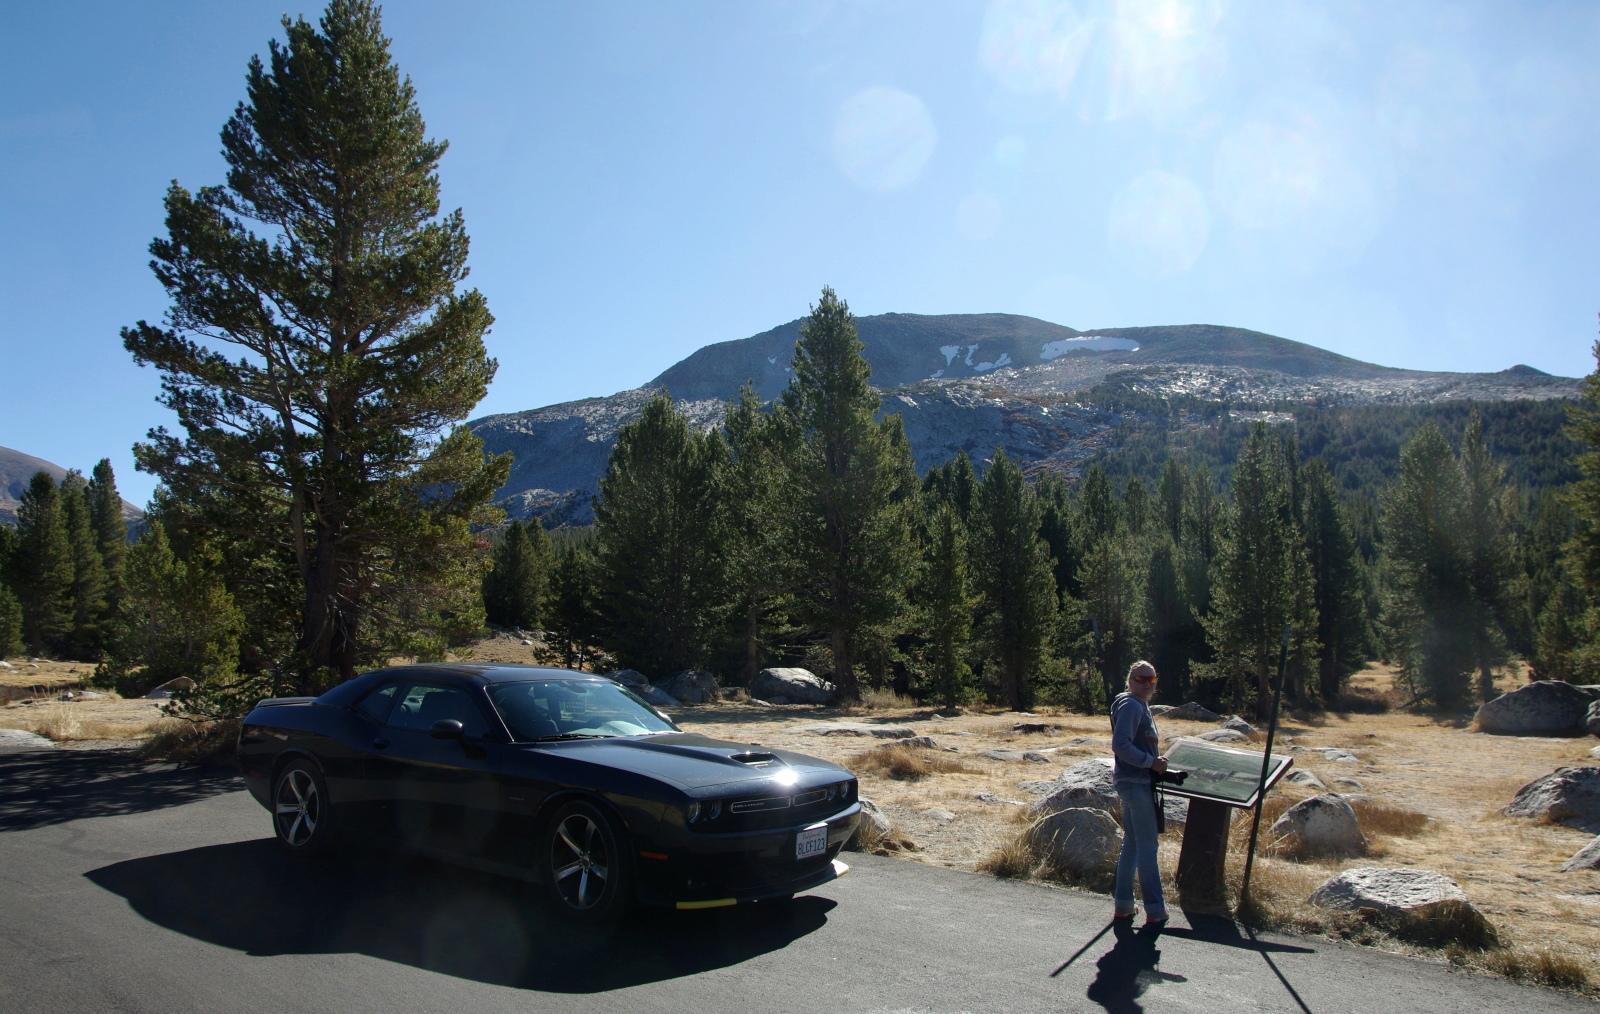 Road Trip / Ouest des USA en Challenger de location -Part II Imgpk262